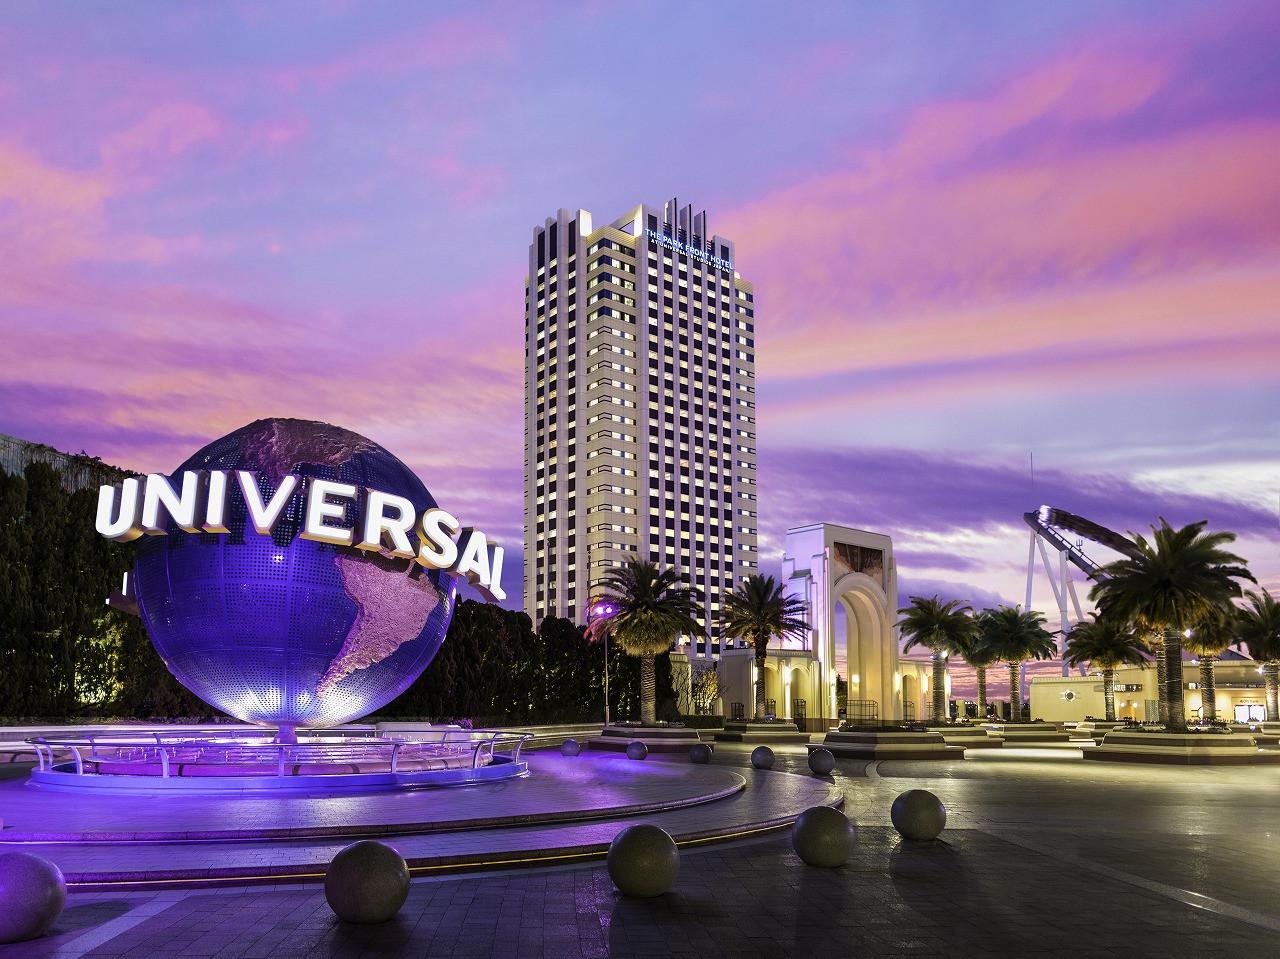 【ザパークフロントホテル】時空を超えたアメリカ旅行を楽しもう!USJに1番近いオフィシャルホテルを紹介